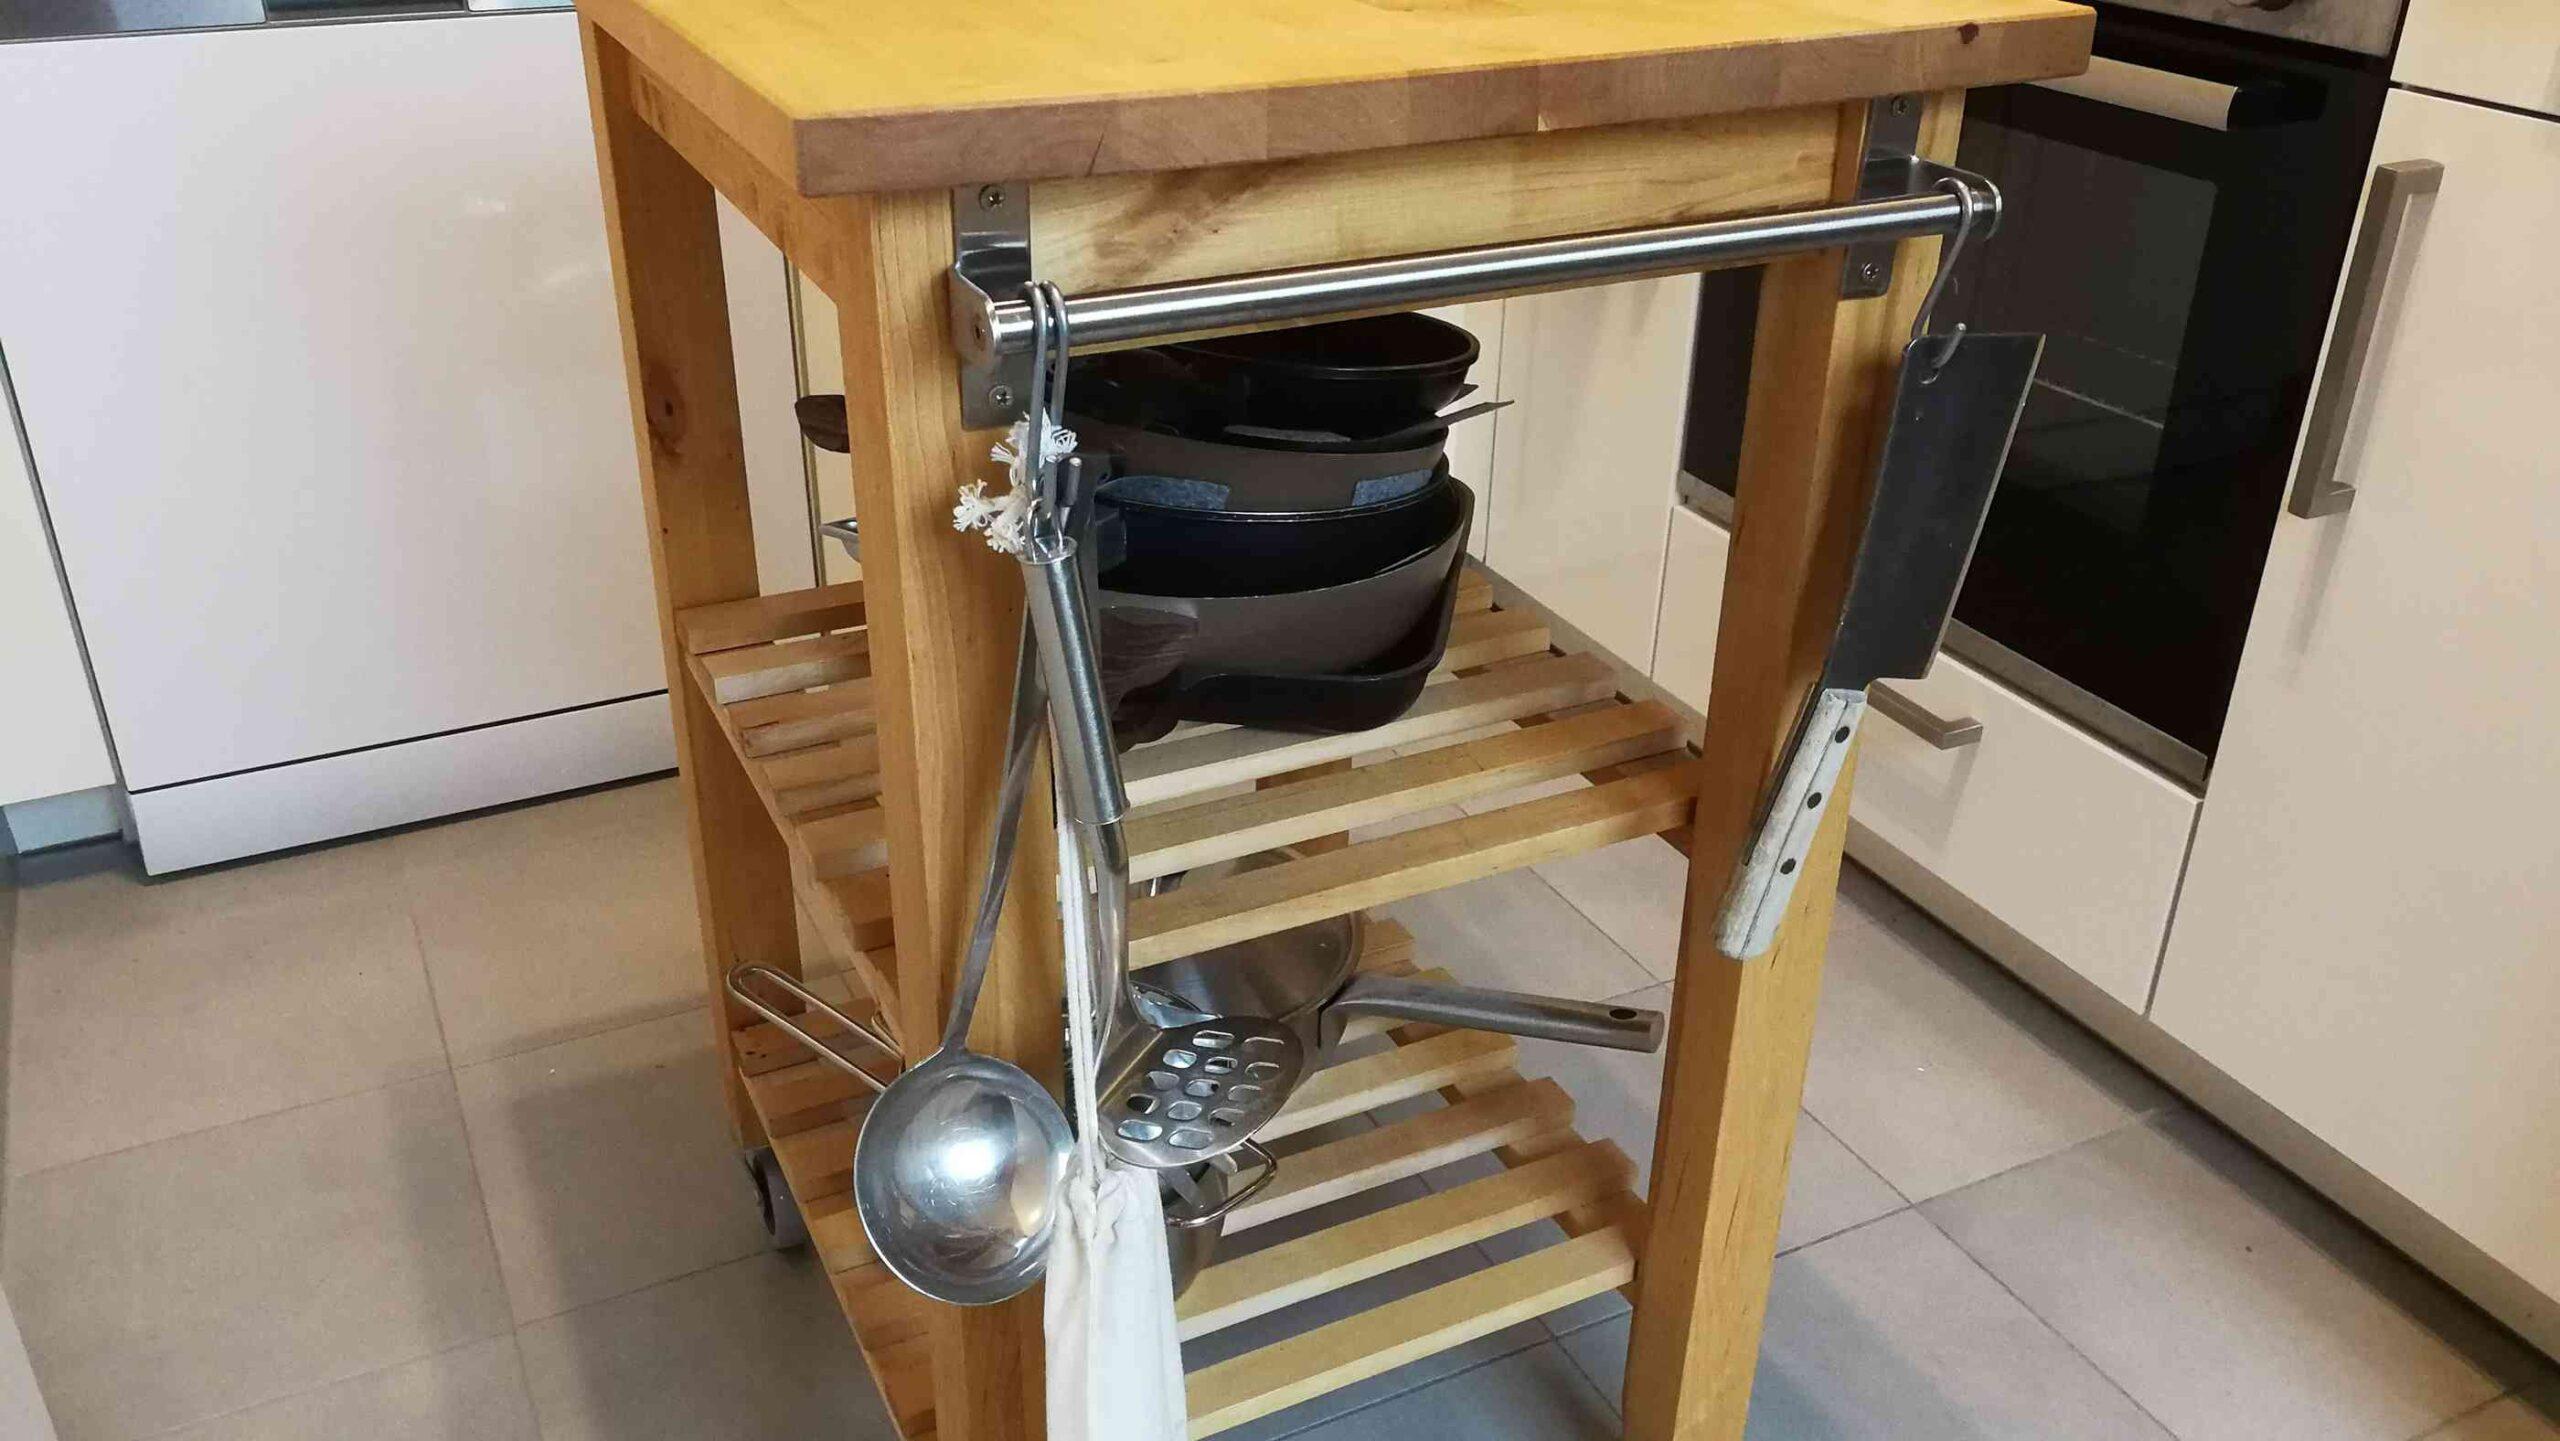 Full Size of Ikea Küchentheke Top 15 Besten Hacks Fr Euer Zuhause Küche Kosten Kaufen Sofa Mit Schlaffunktion Betten Bei 160x200 Miniküche Modulküche Wohnzimmer Ikea Küchentheke